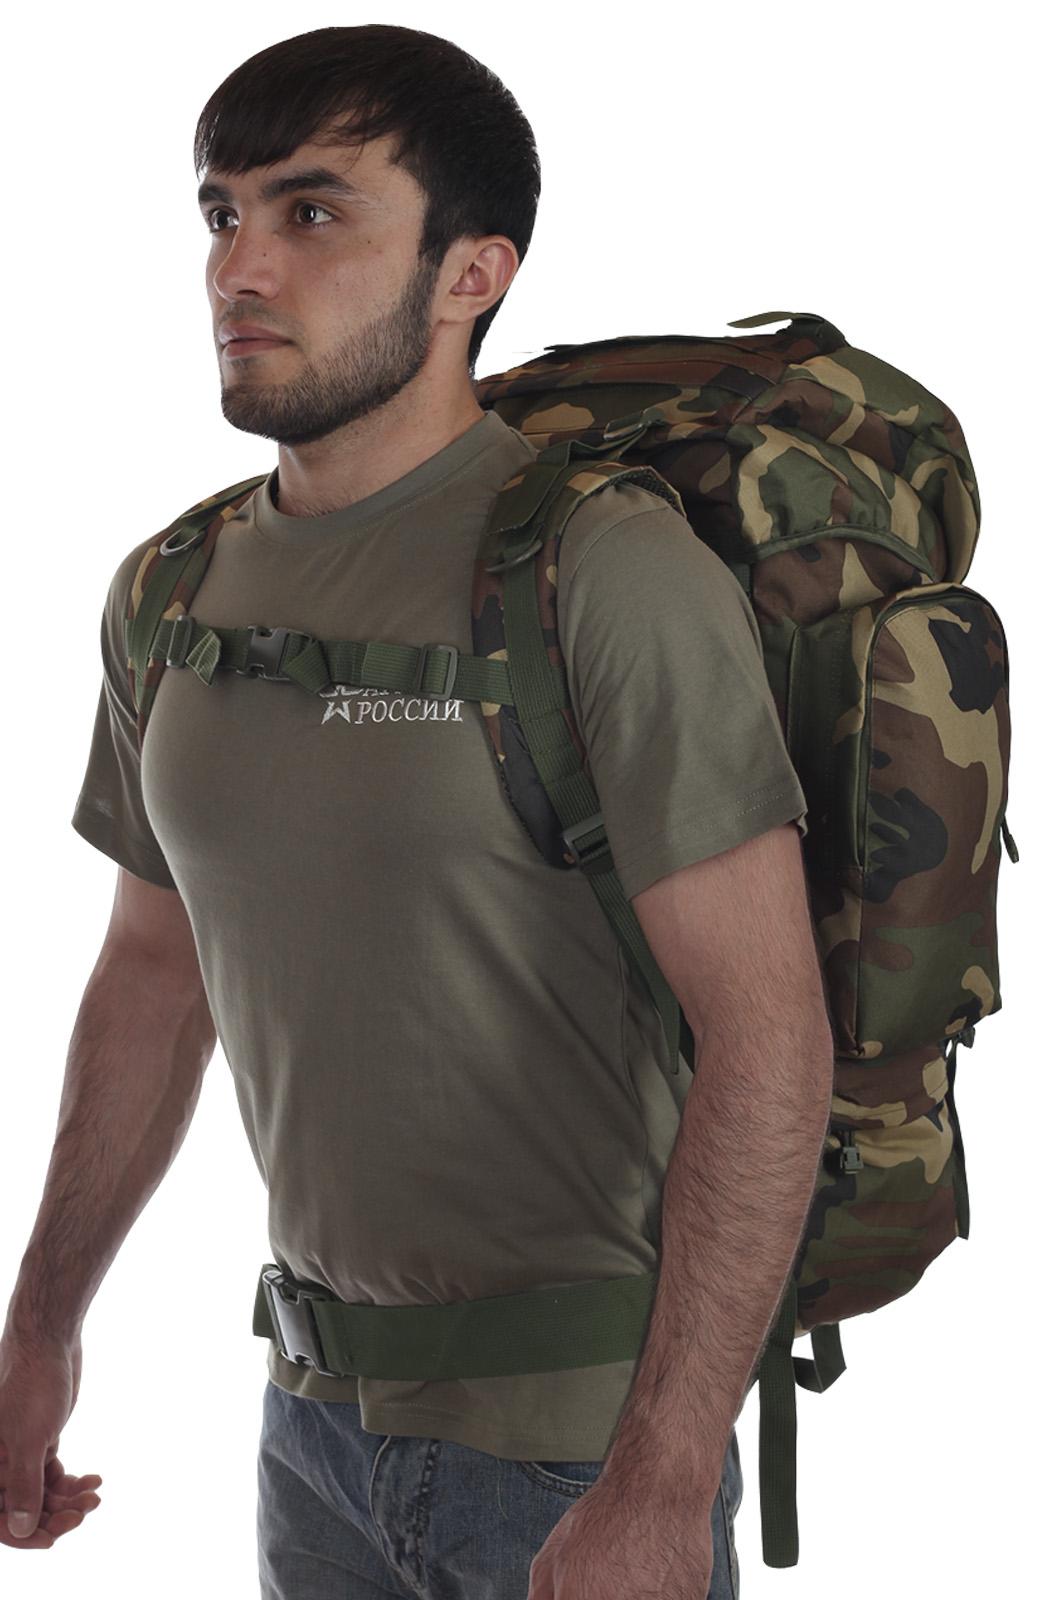 Тактический рюкзак рейдовый камуфляж CCE с эмблемой МВД